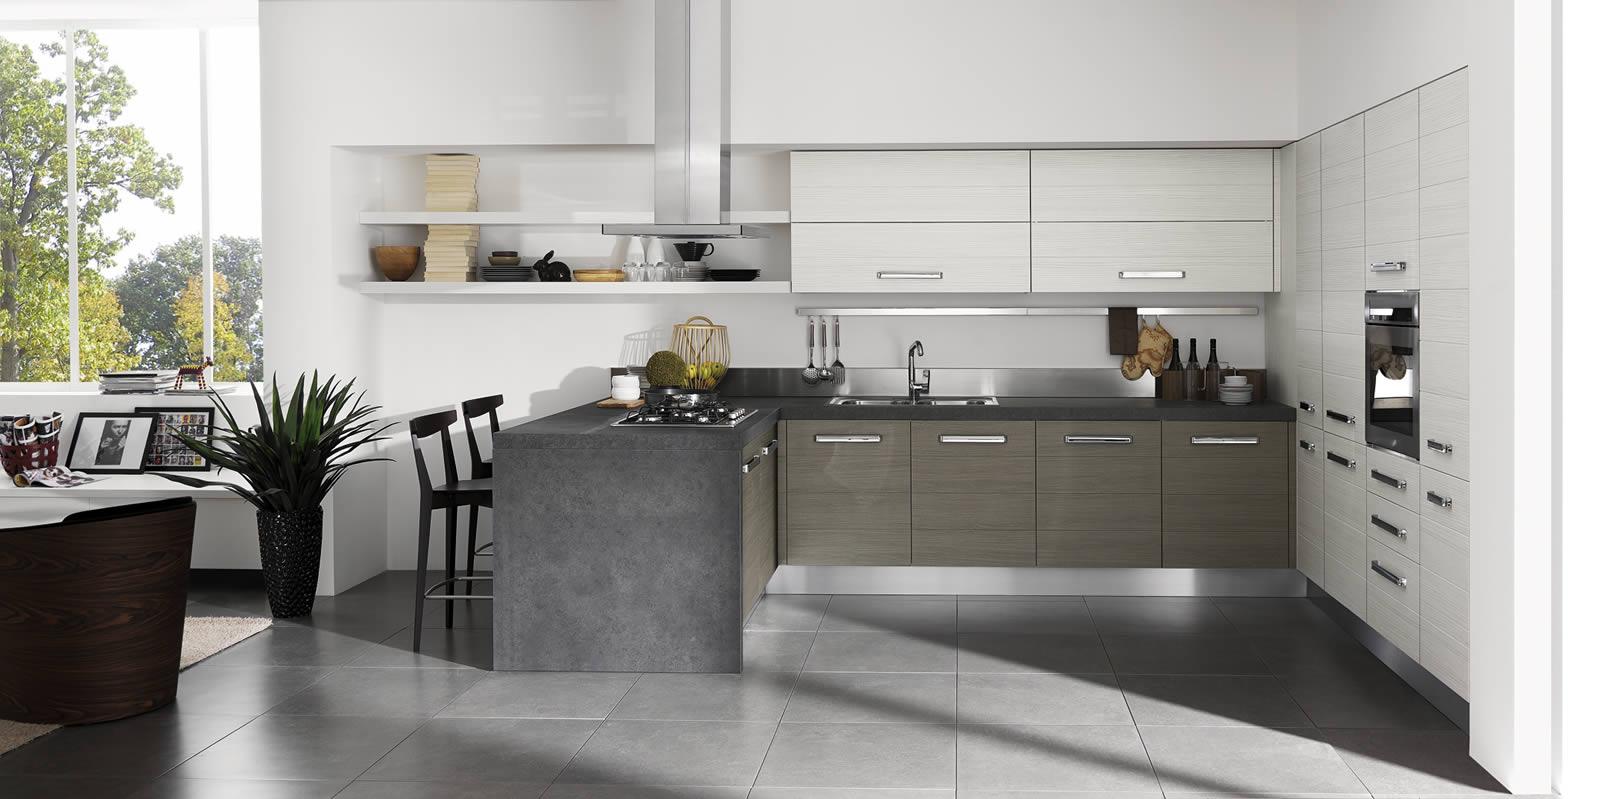 Doga colours aran kuhinje for Piani di casa aperti con grandi cucine